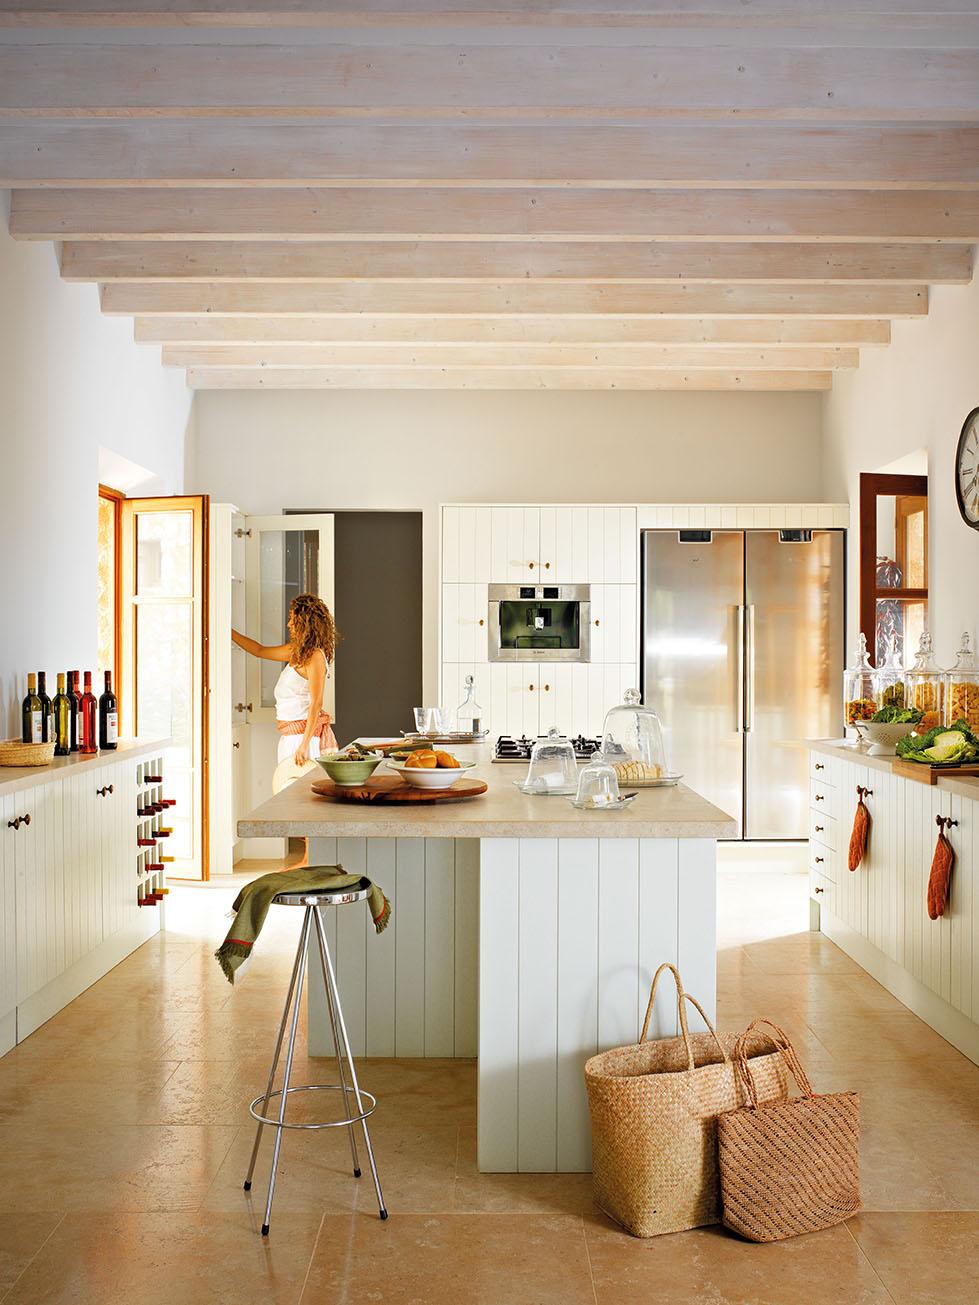 Una casa r stica nueva inspirada en las mas as tradicionales for Vigas de madera para jardin